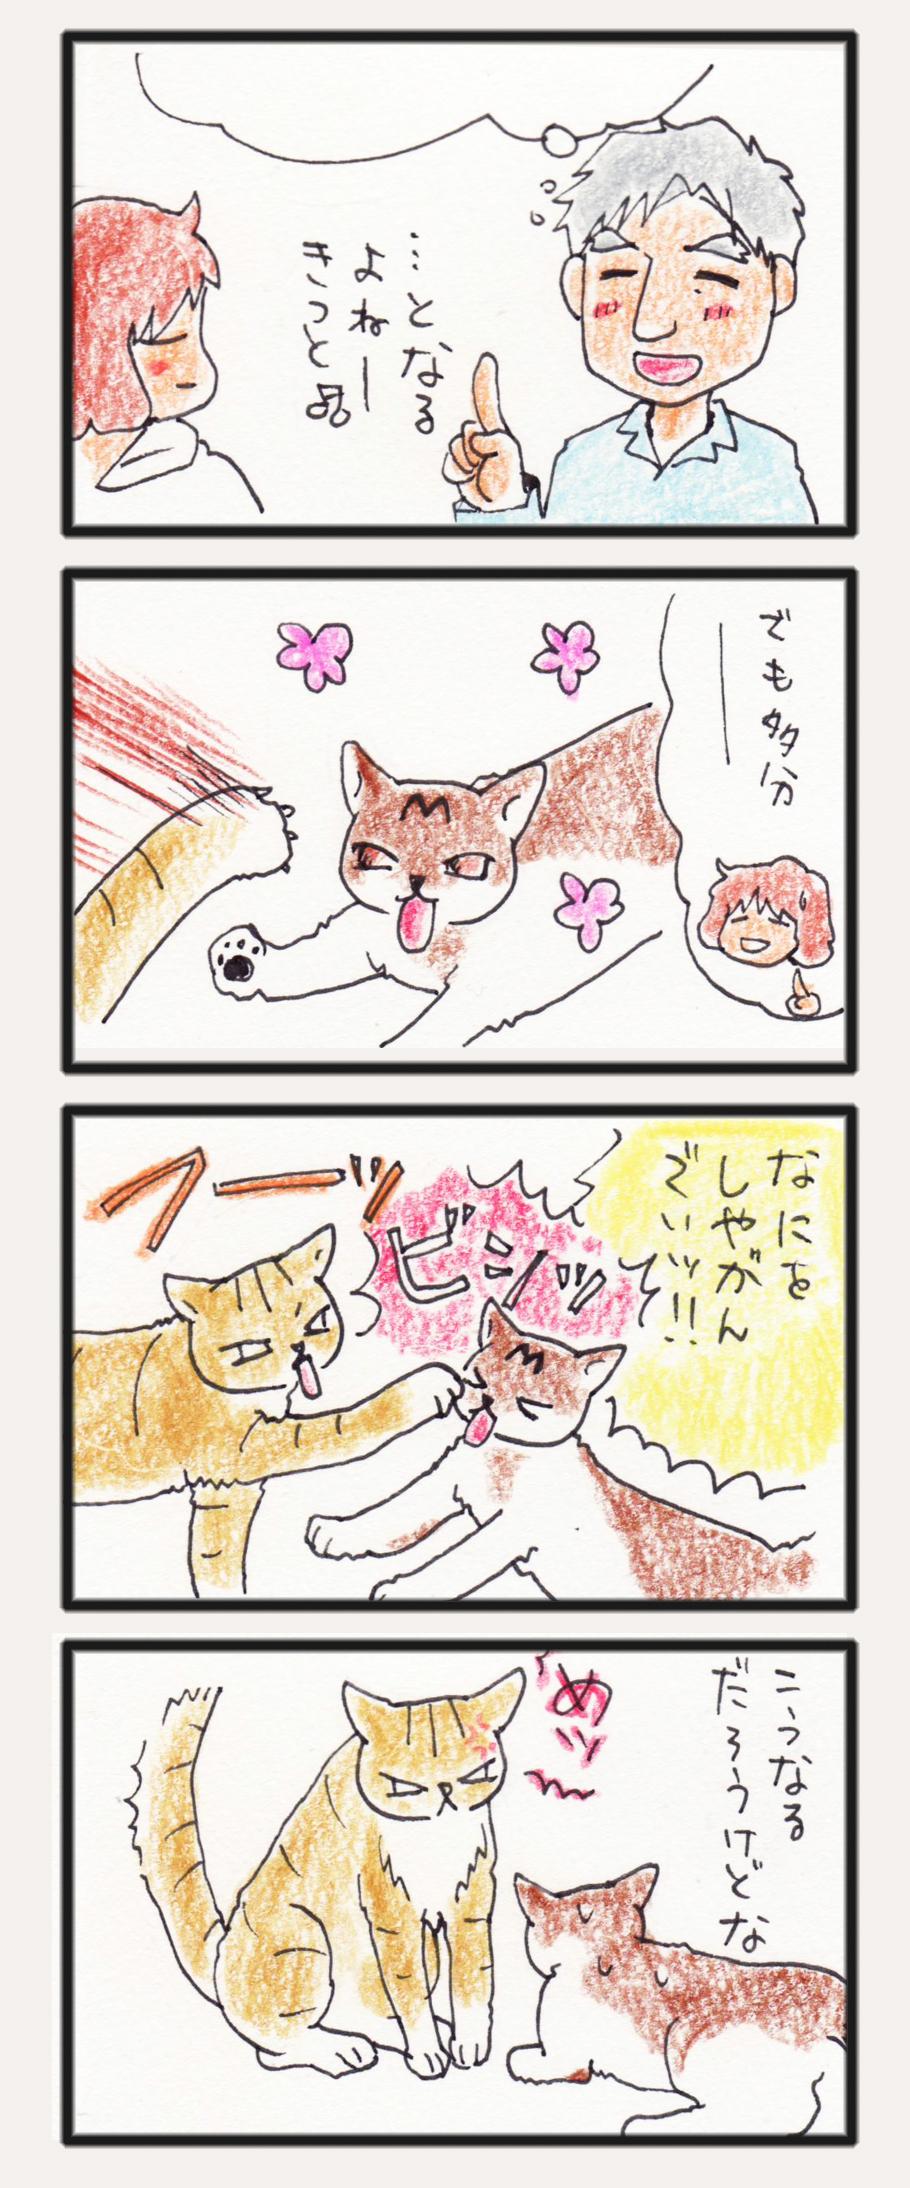 comic_4c_14032202.jpg